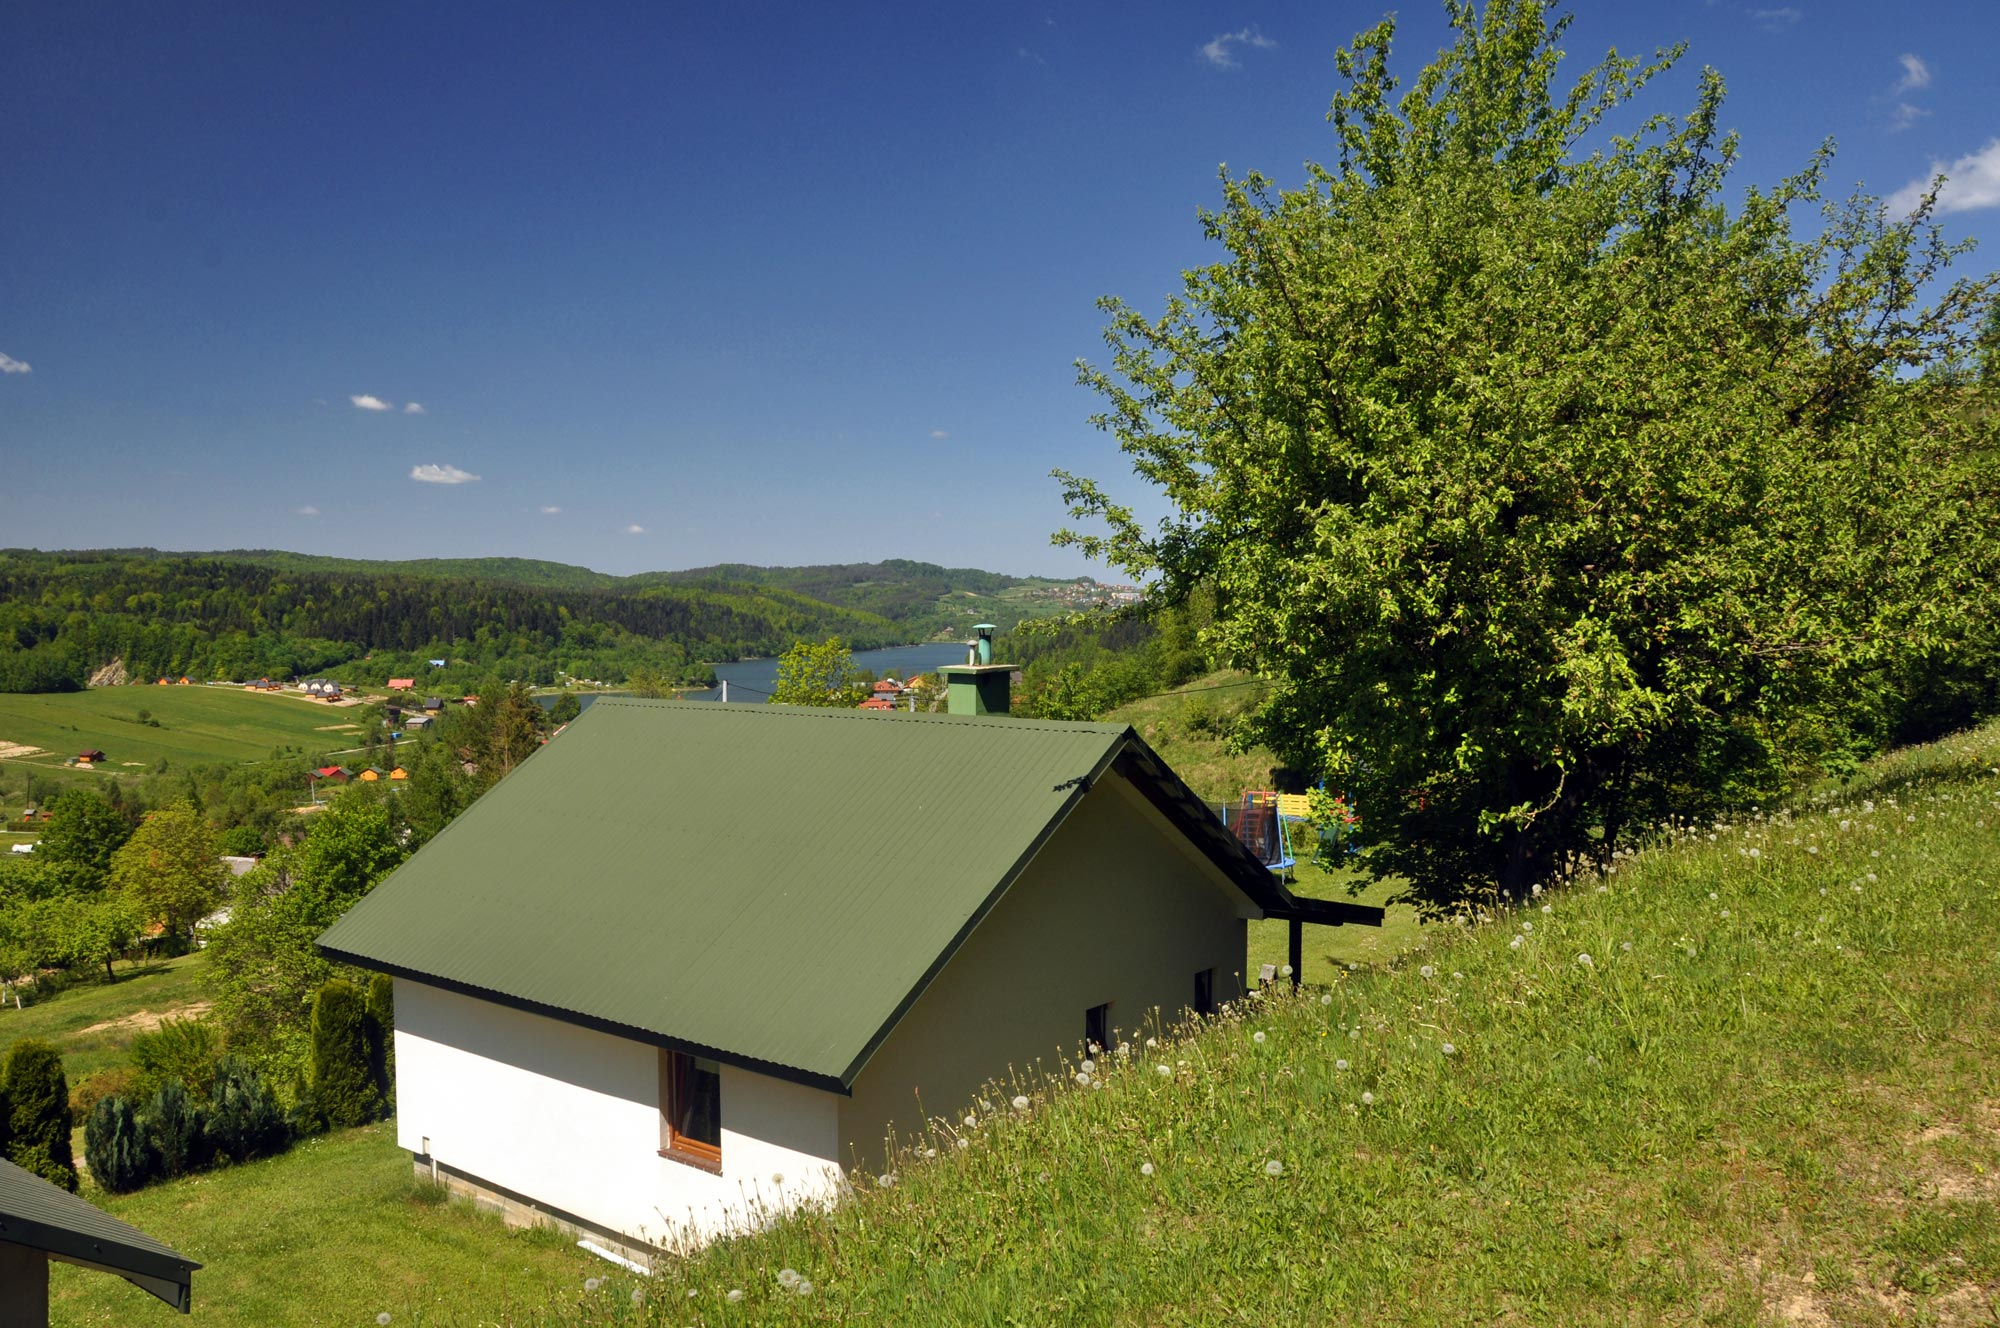 Domki na Wzgórzu Zawóz, noclegi nad Soliną